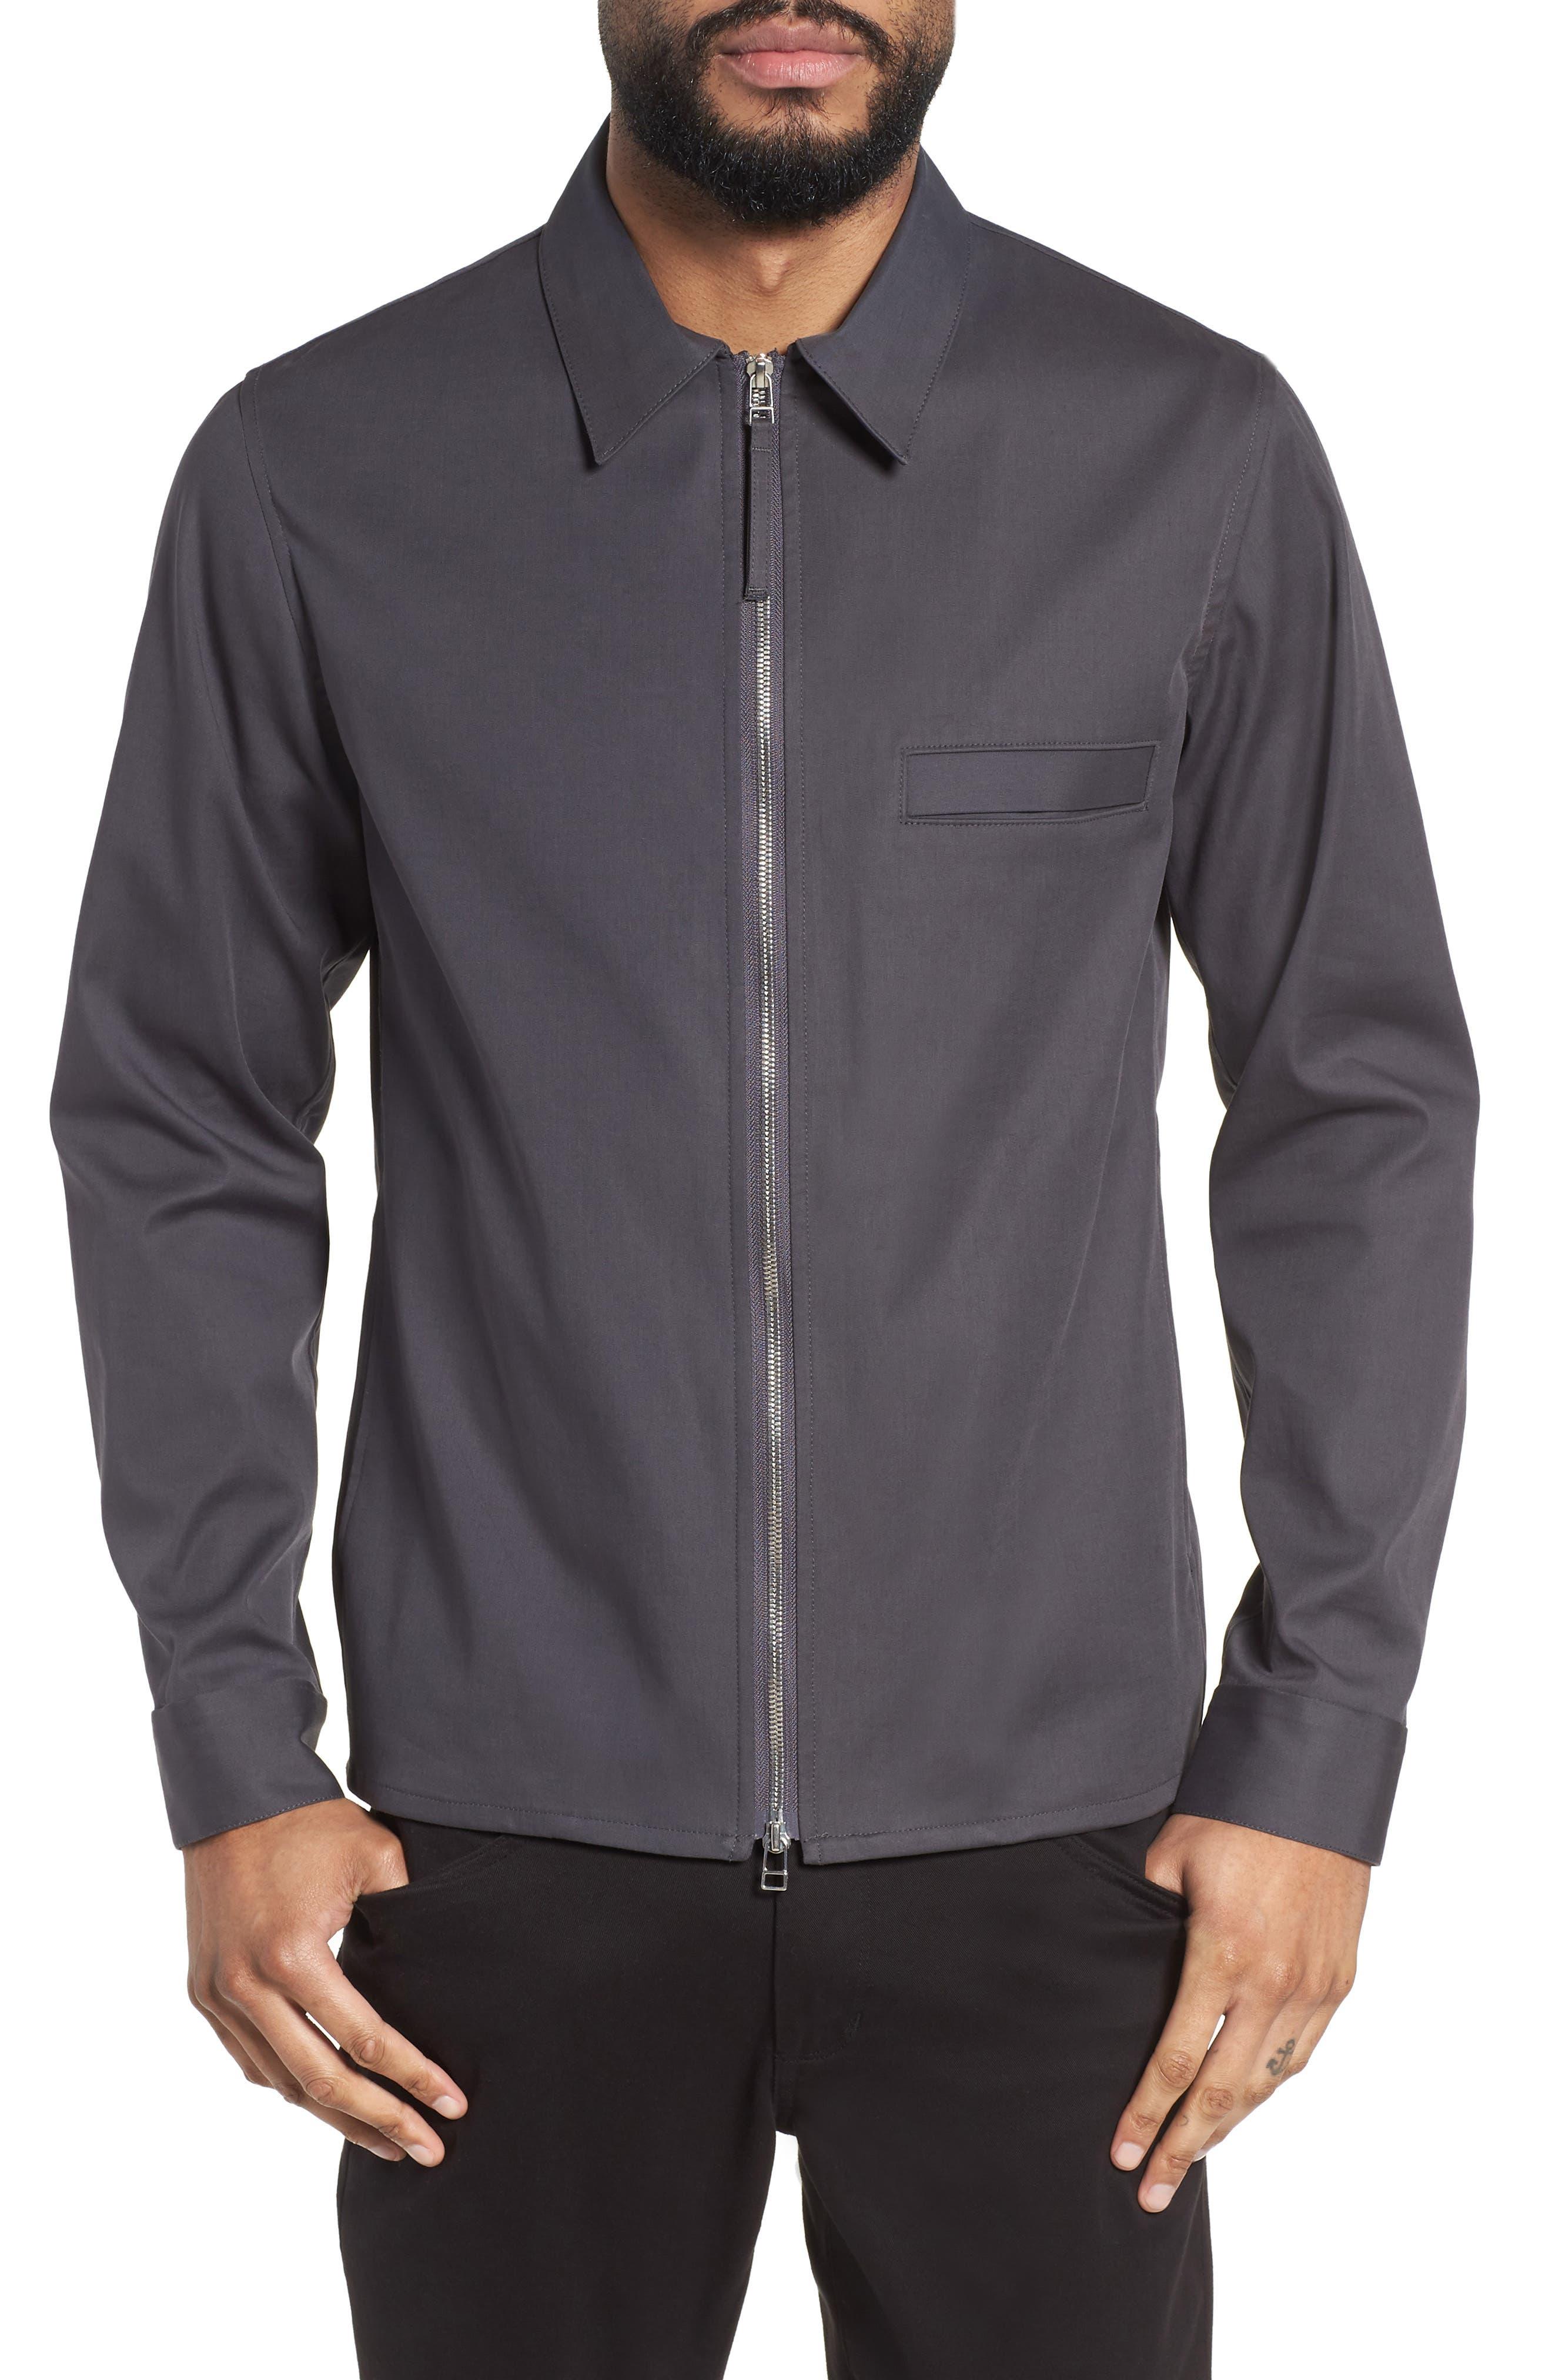 Alternate Image 1 Selected - Theory Rye Holtham Shirt Jacket